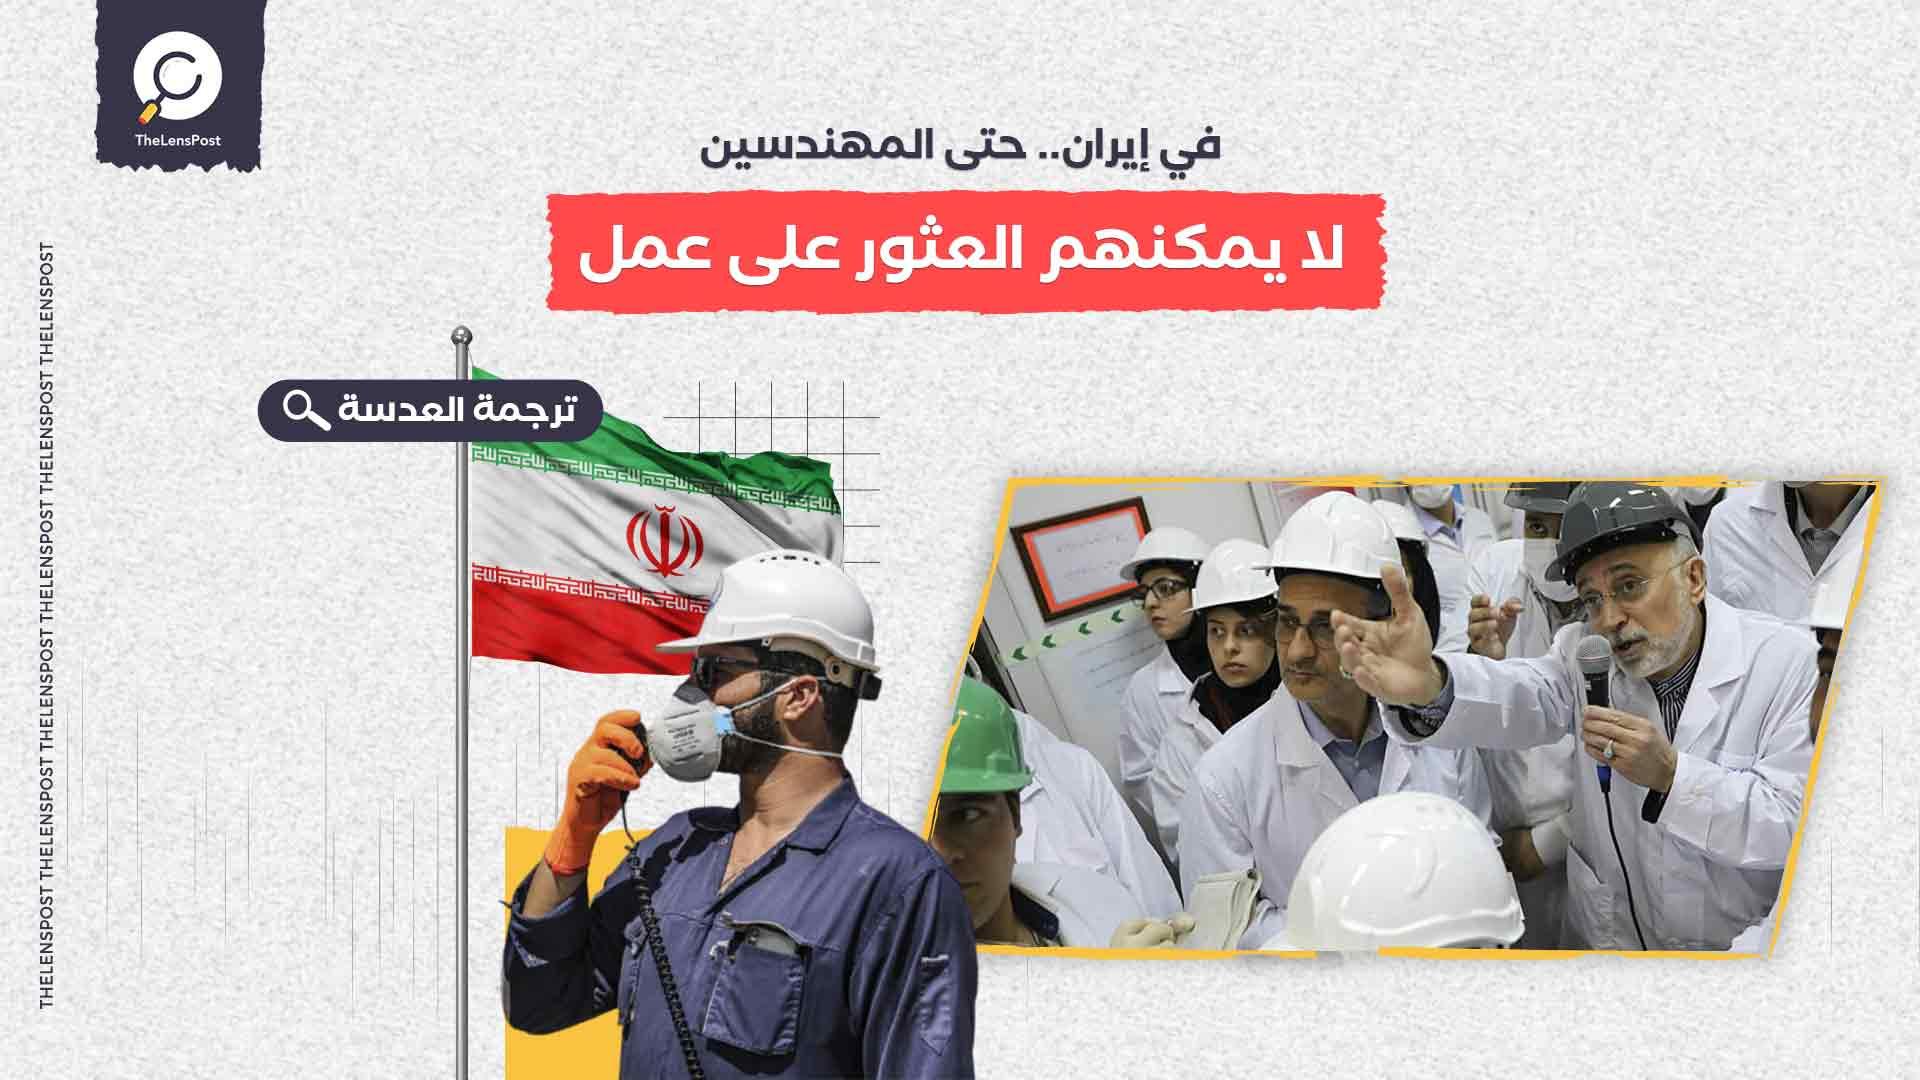 في إيران.. حتى المهندسين لا يمكنهم العثور على عمل